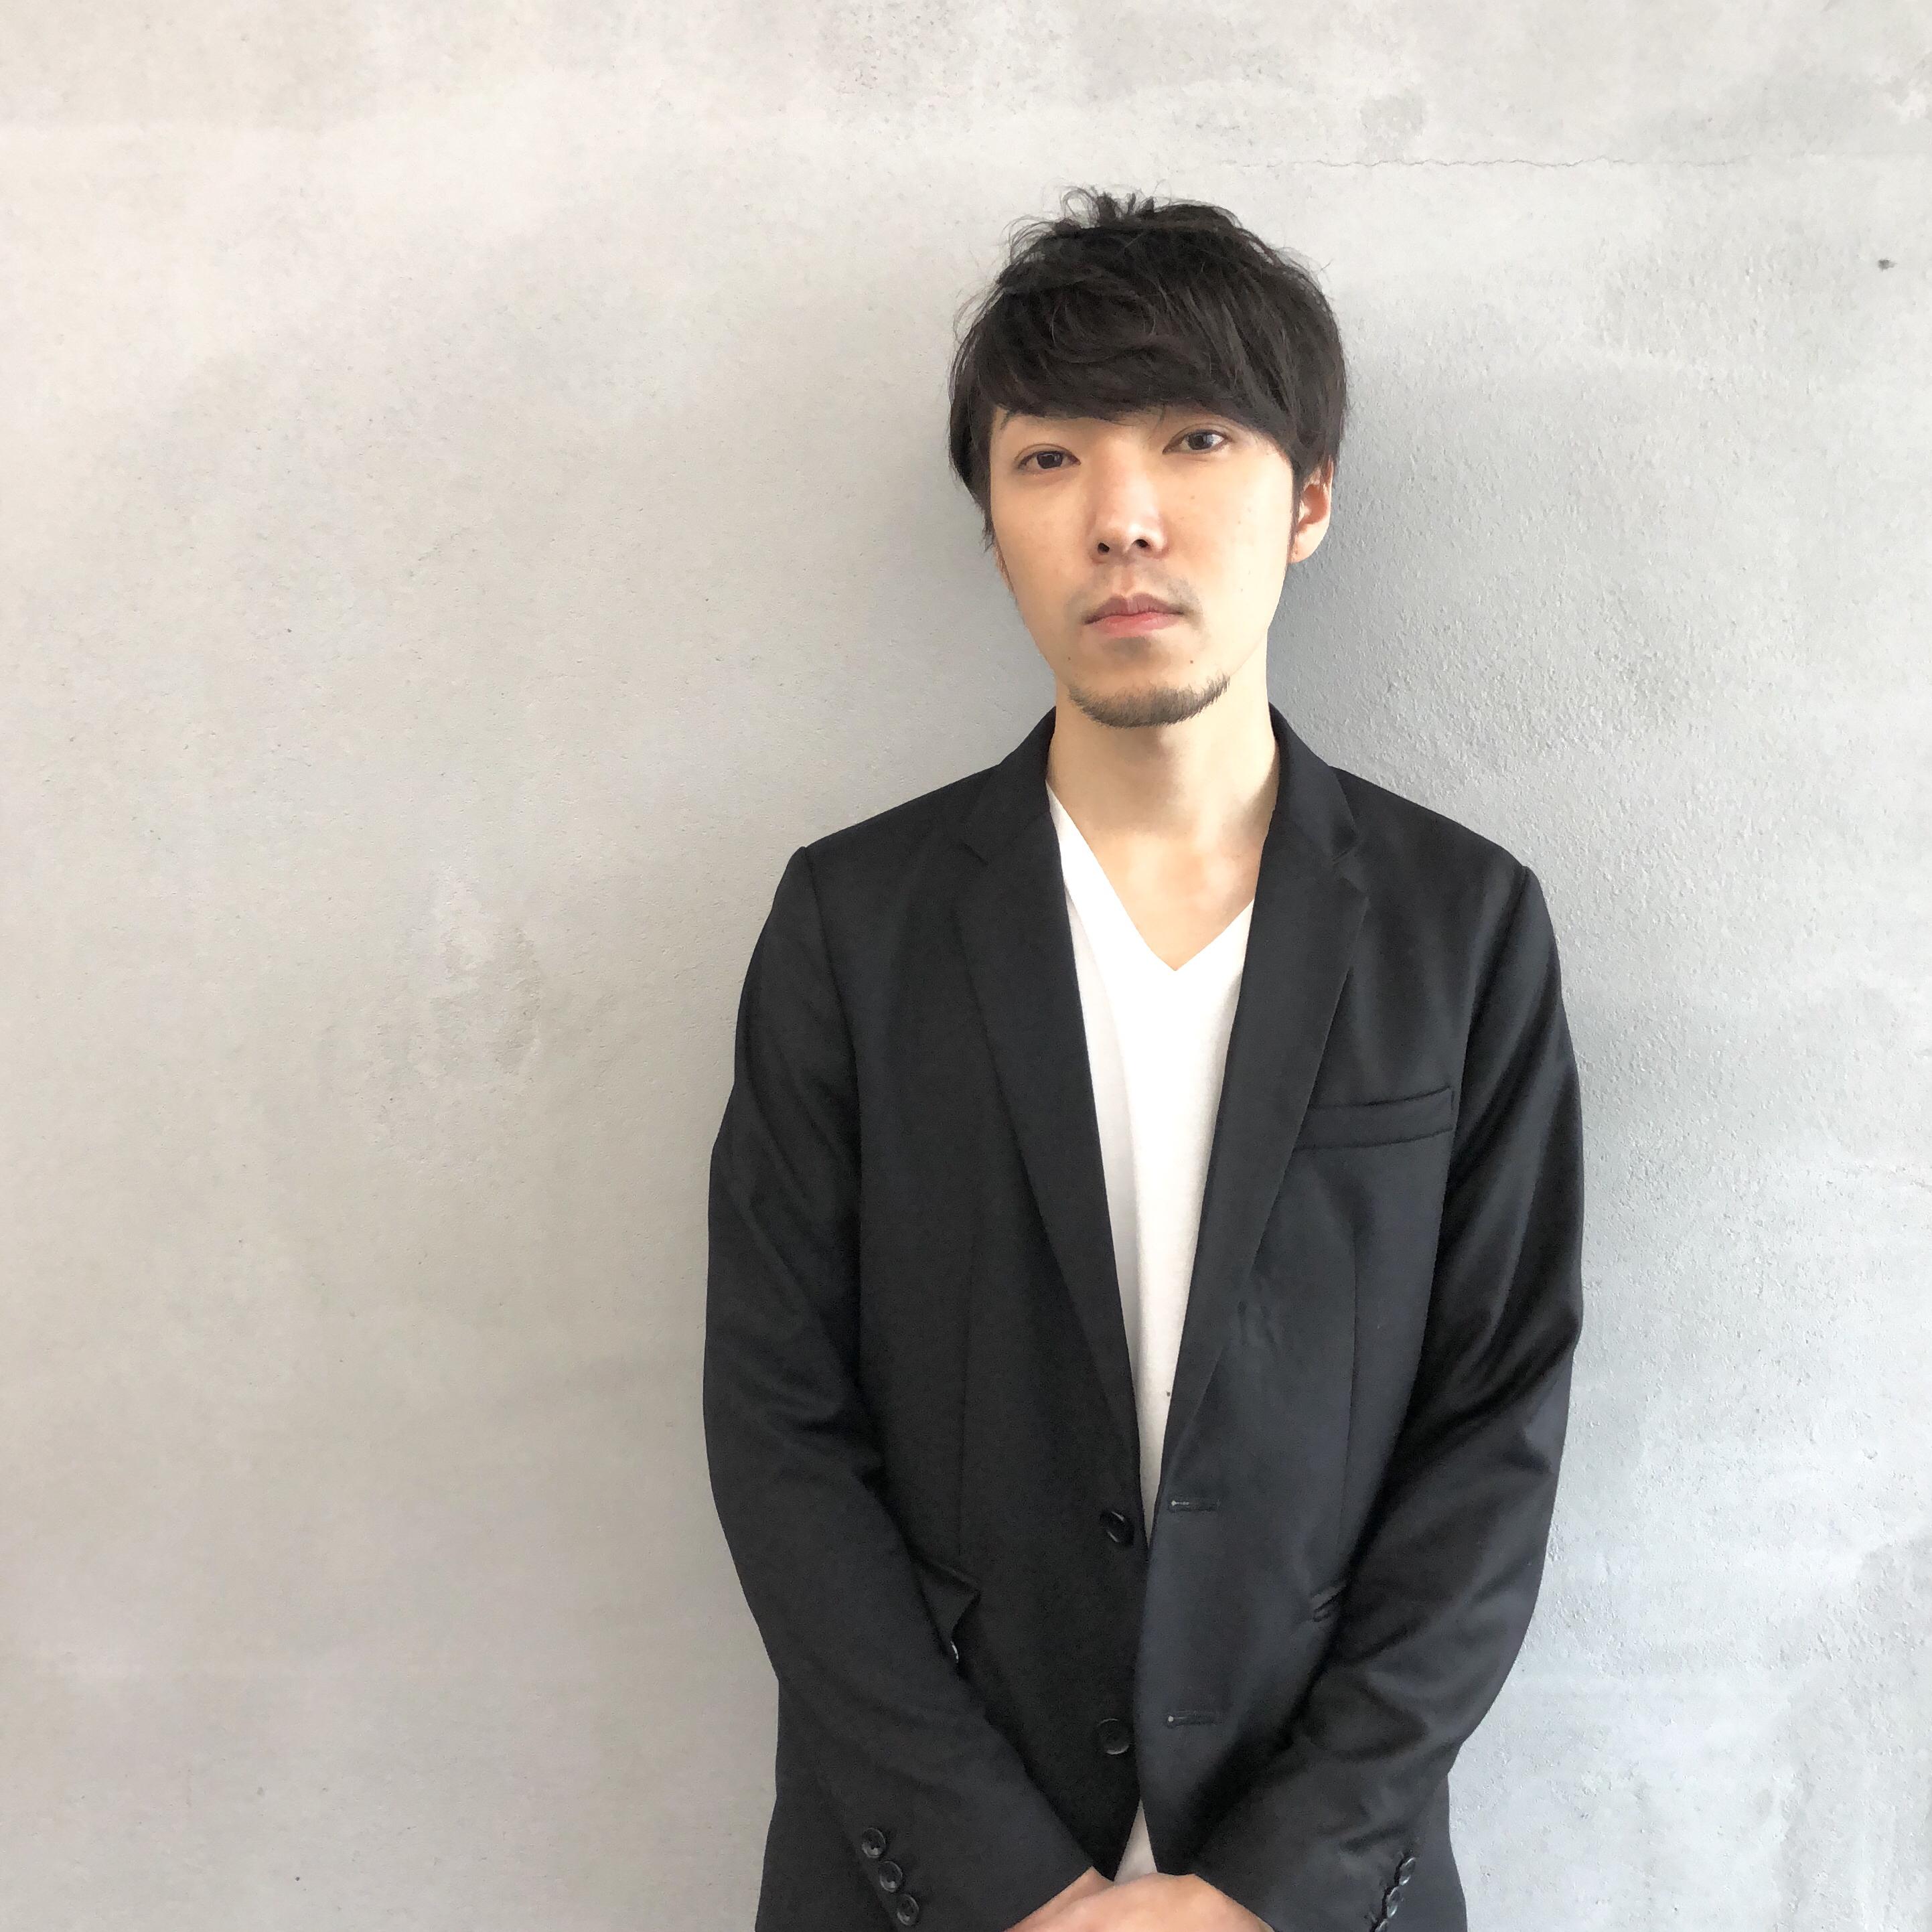 葛西 祐介【#tag】